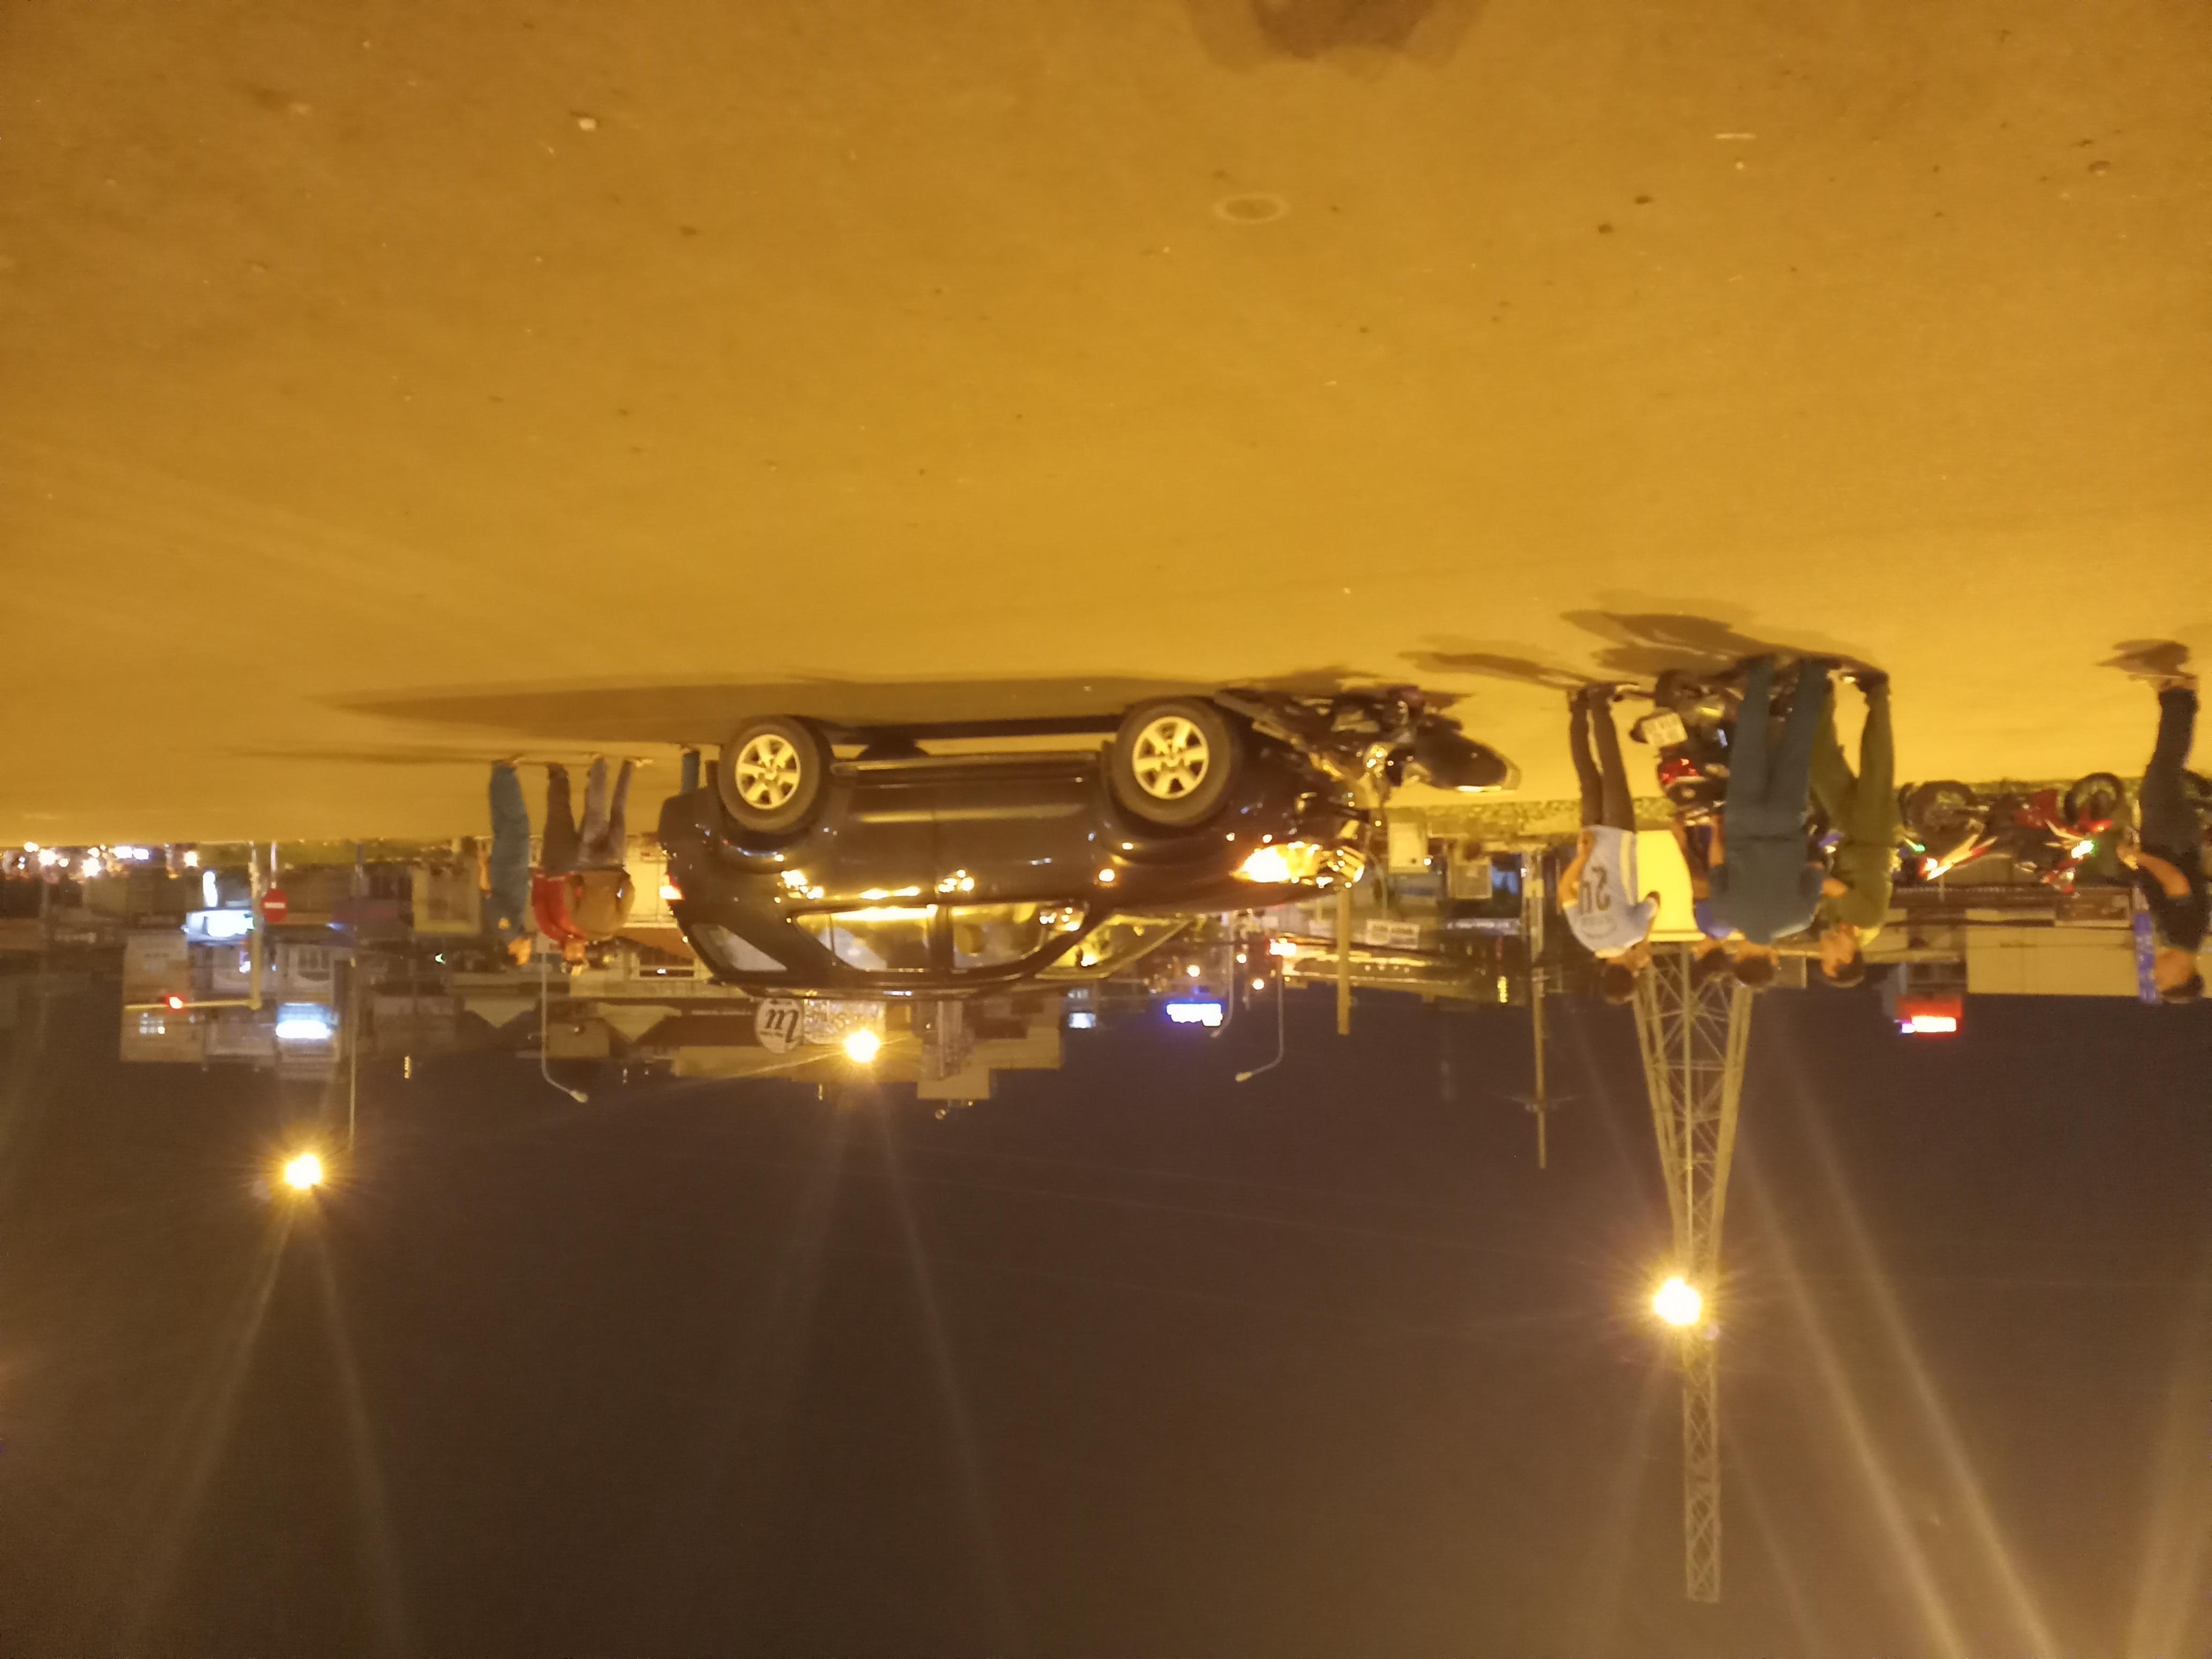 Va chạm với ô tô, thiếu nữ nhập viện trong tình trạng nguy kịch - Ảnh 1